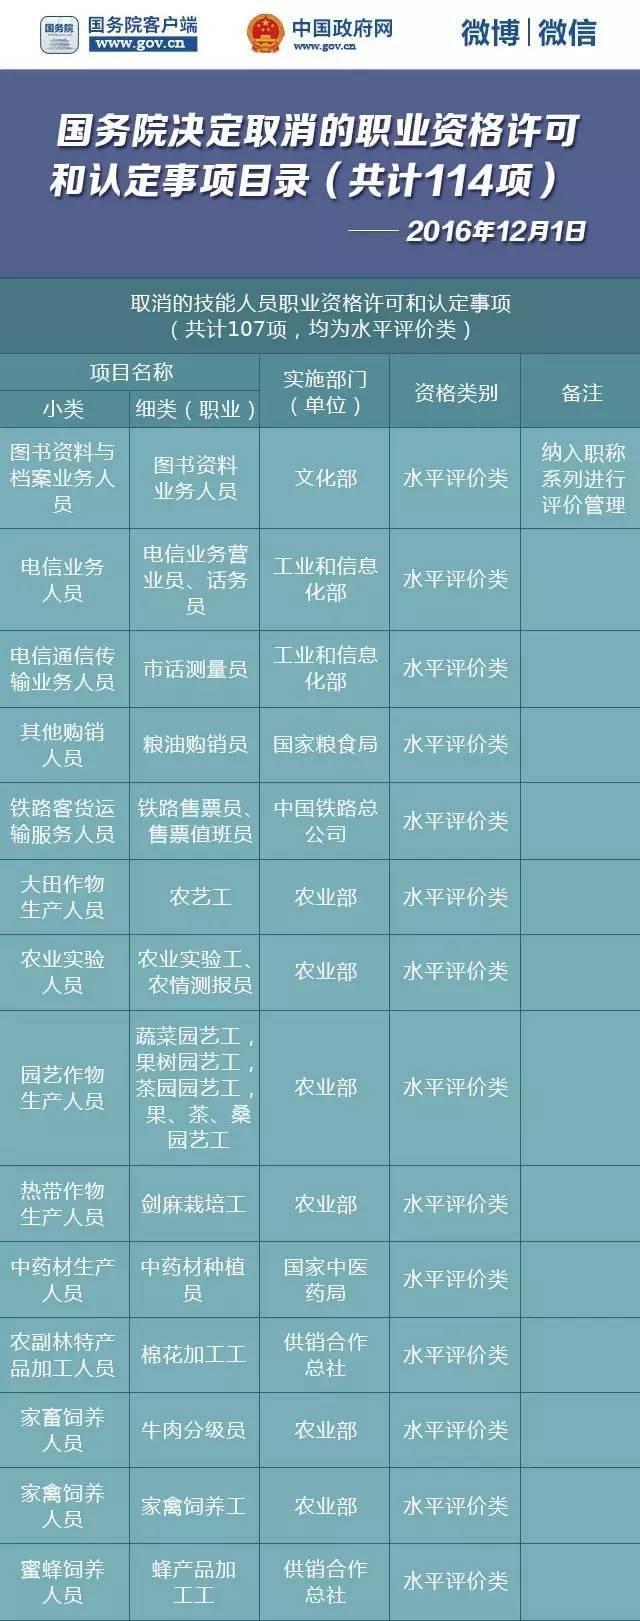 国务院再发红包!又有114项职业资格取消了!